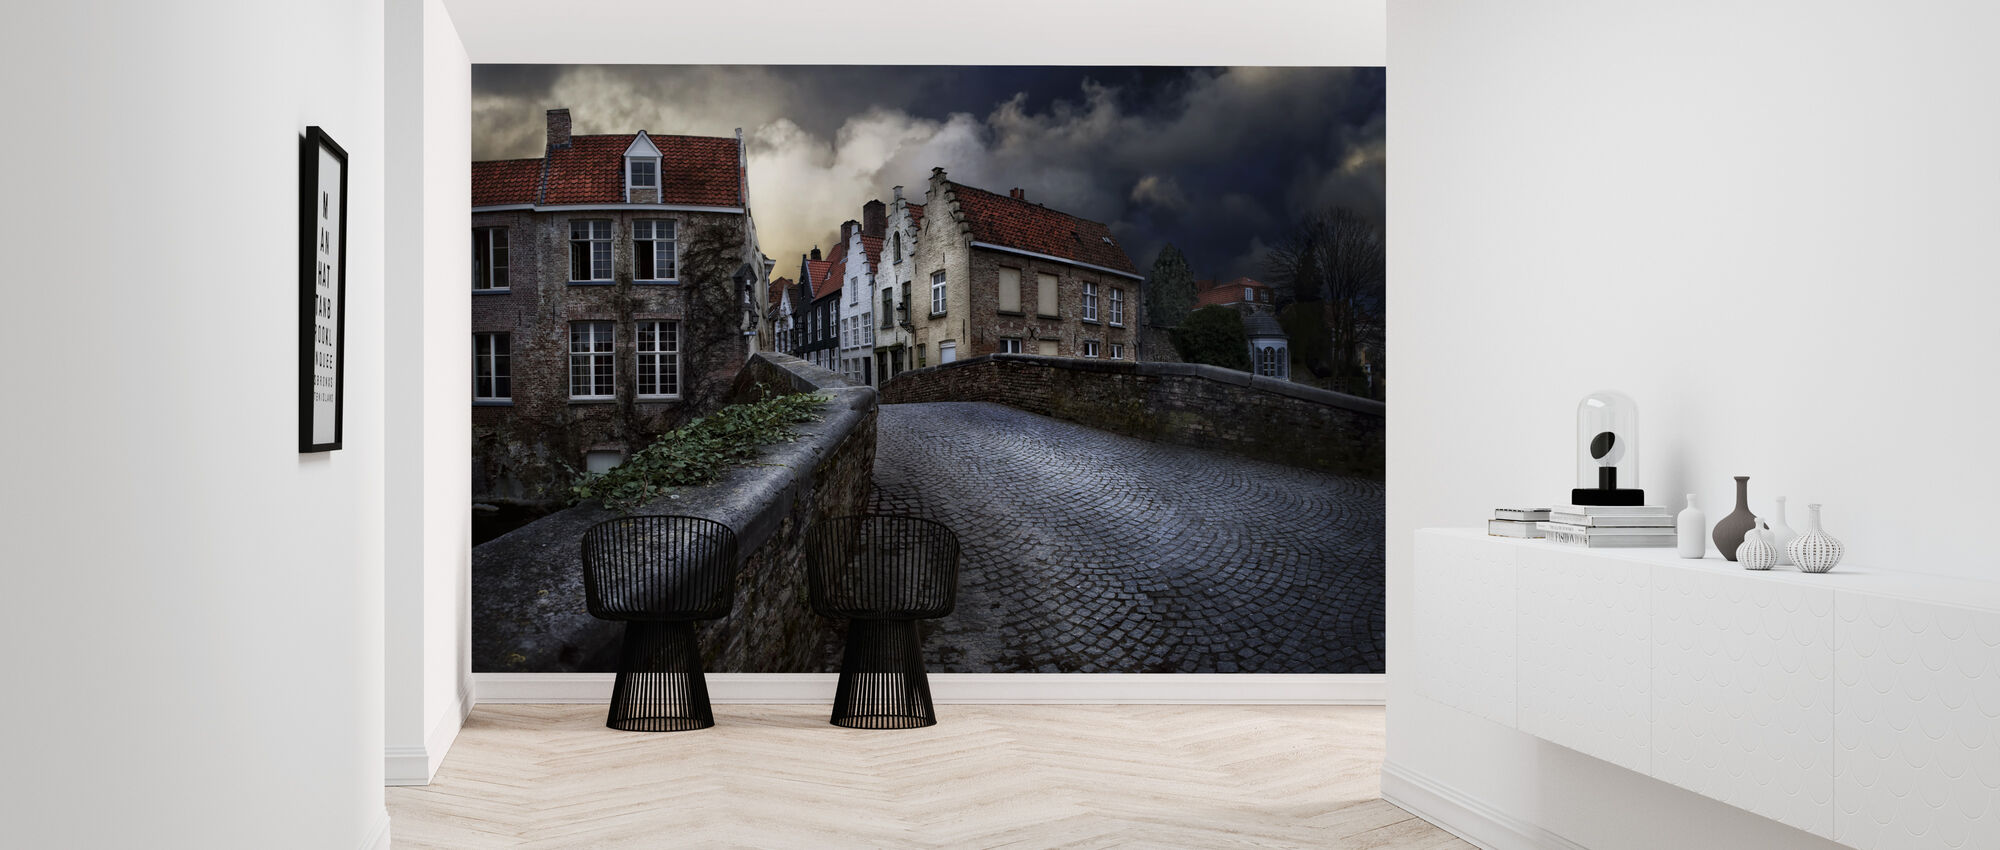 Bridge in Bruges - Wallpaper - Hallway